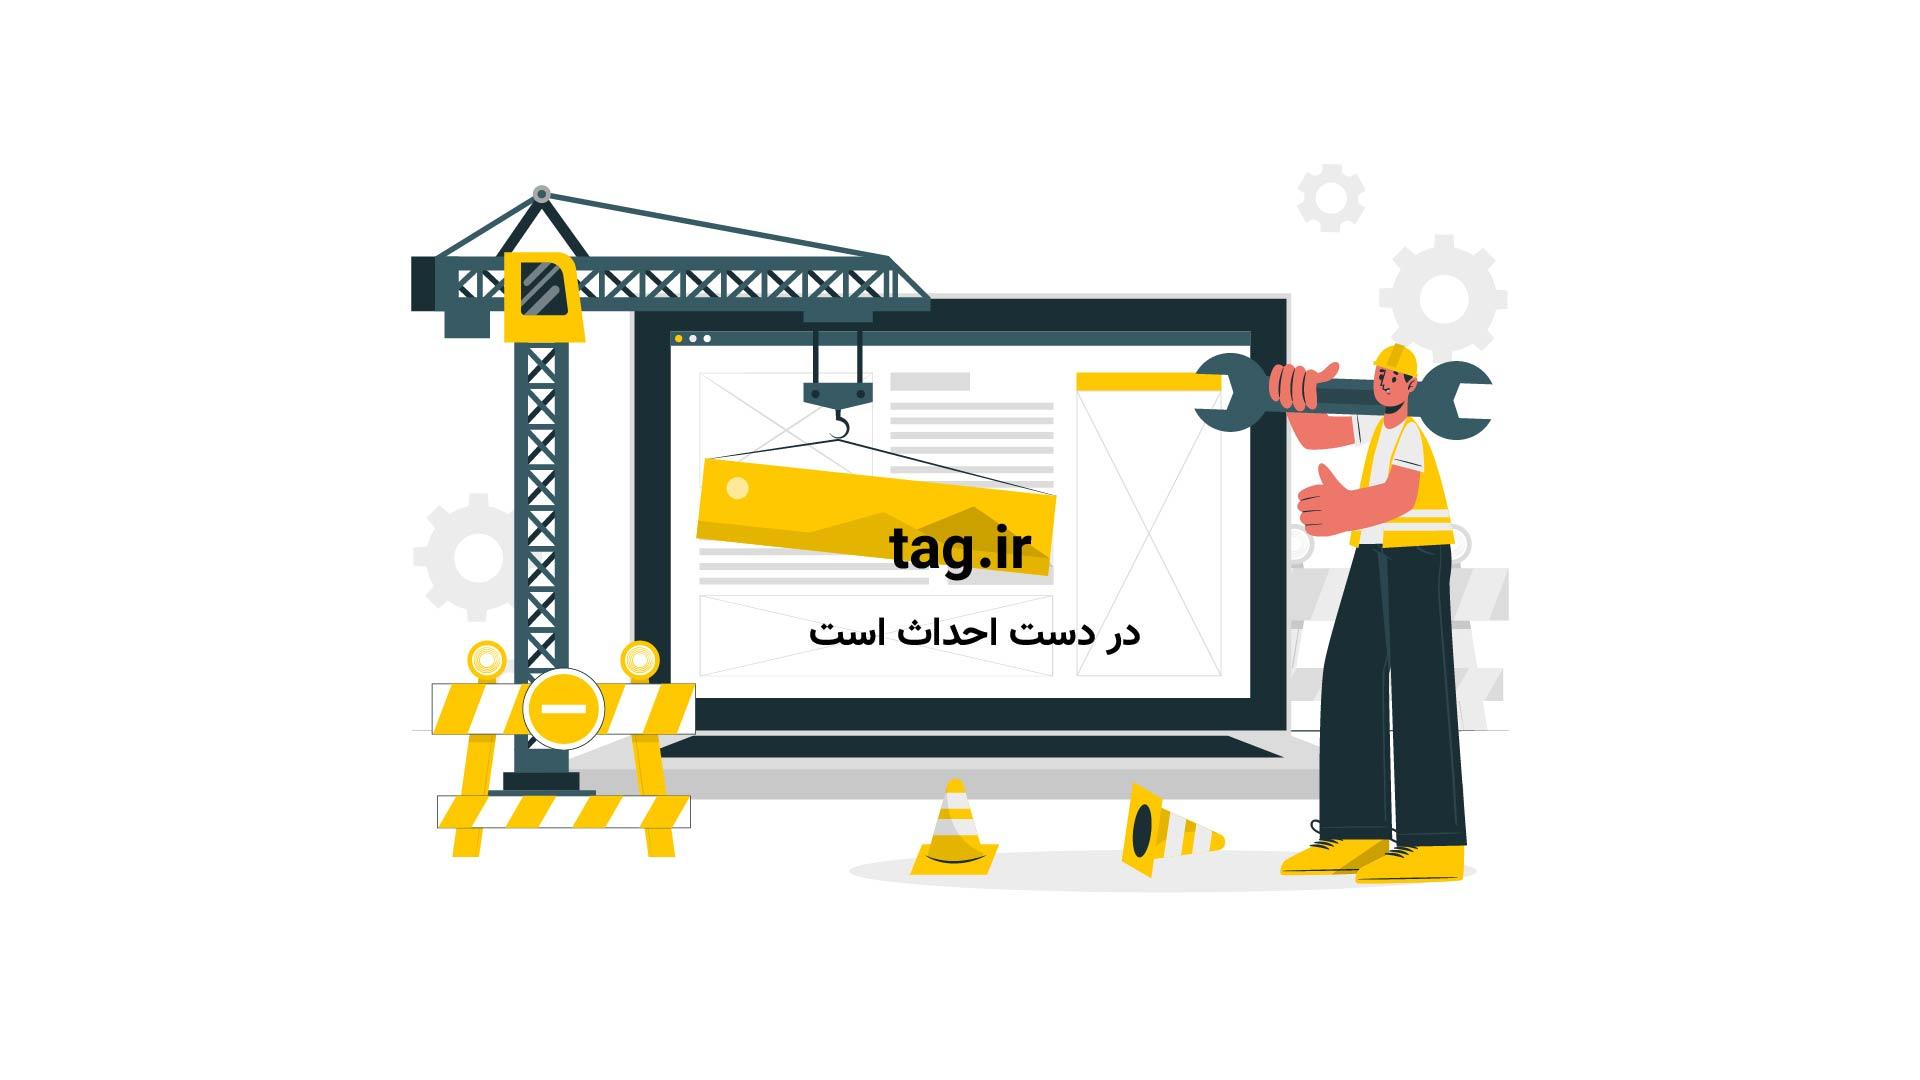 سخنرانیهای تد؛ سخنرانی جالب نویسنده کتاب نبوغ جمعی   فیلم